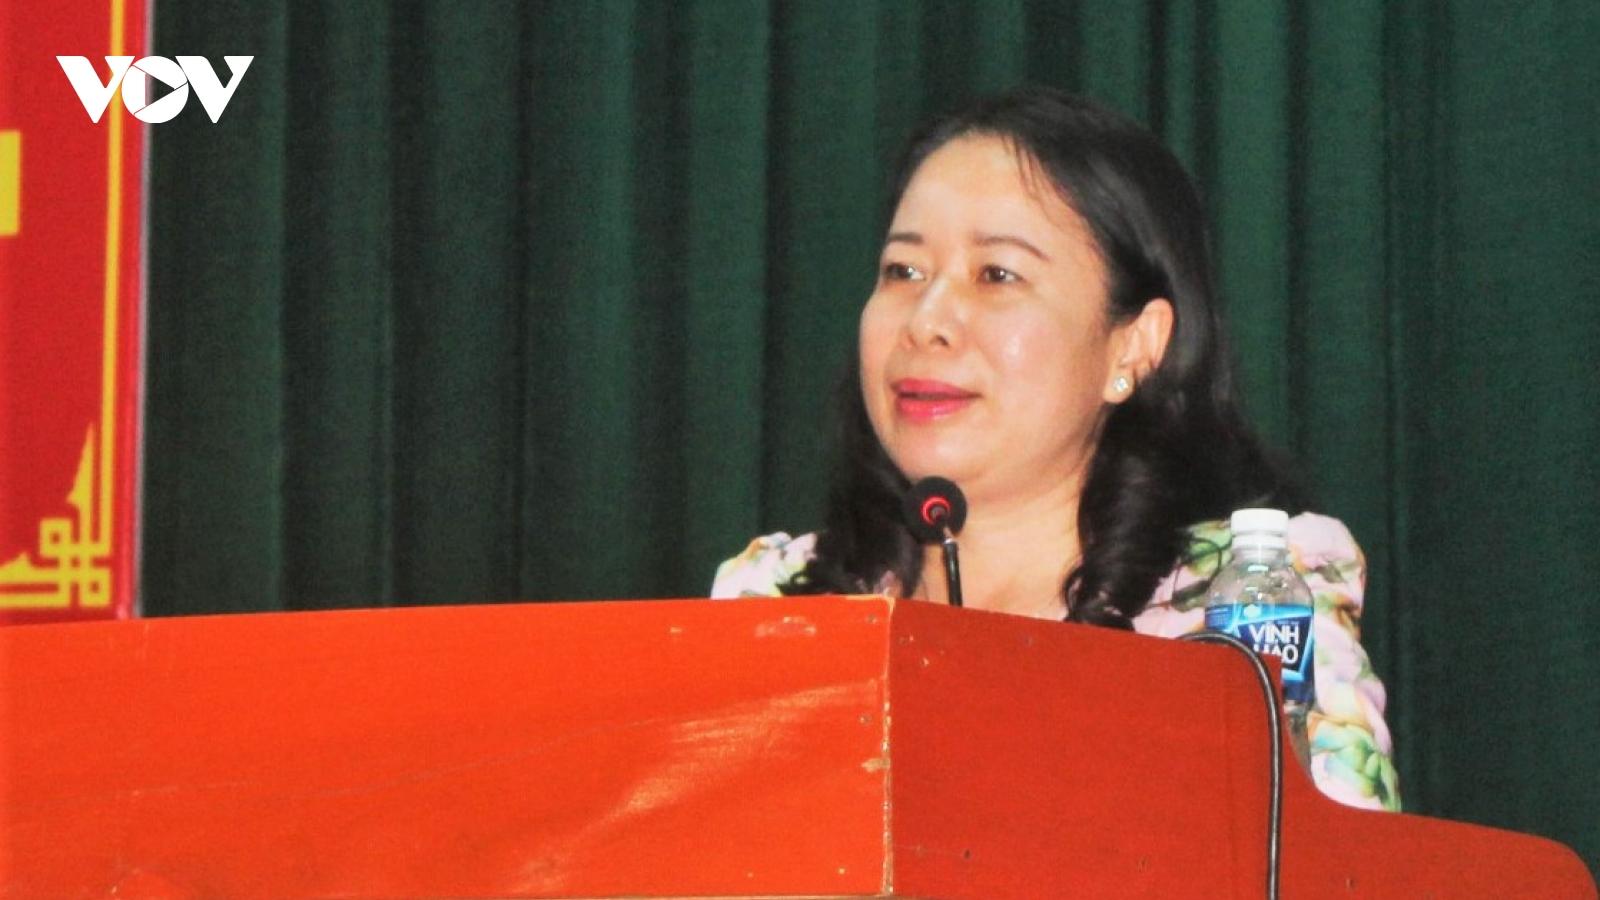 Phó Chủ tịch nước Võ Thị Ánh Xuân tiếp xúc cử tri, vận động bầu cử tại An Giang